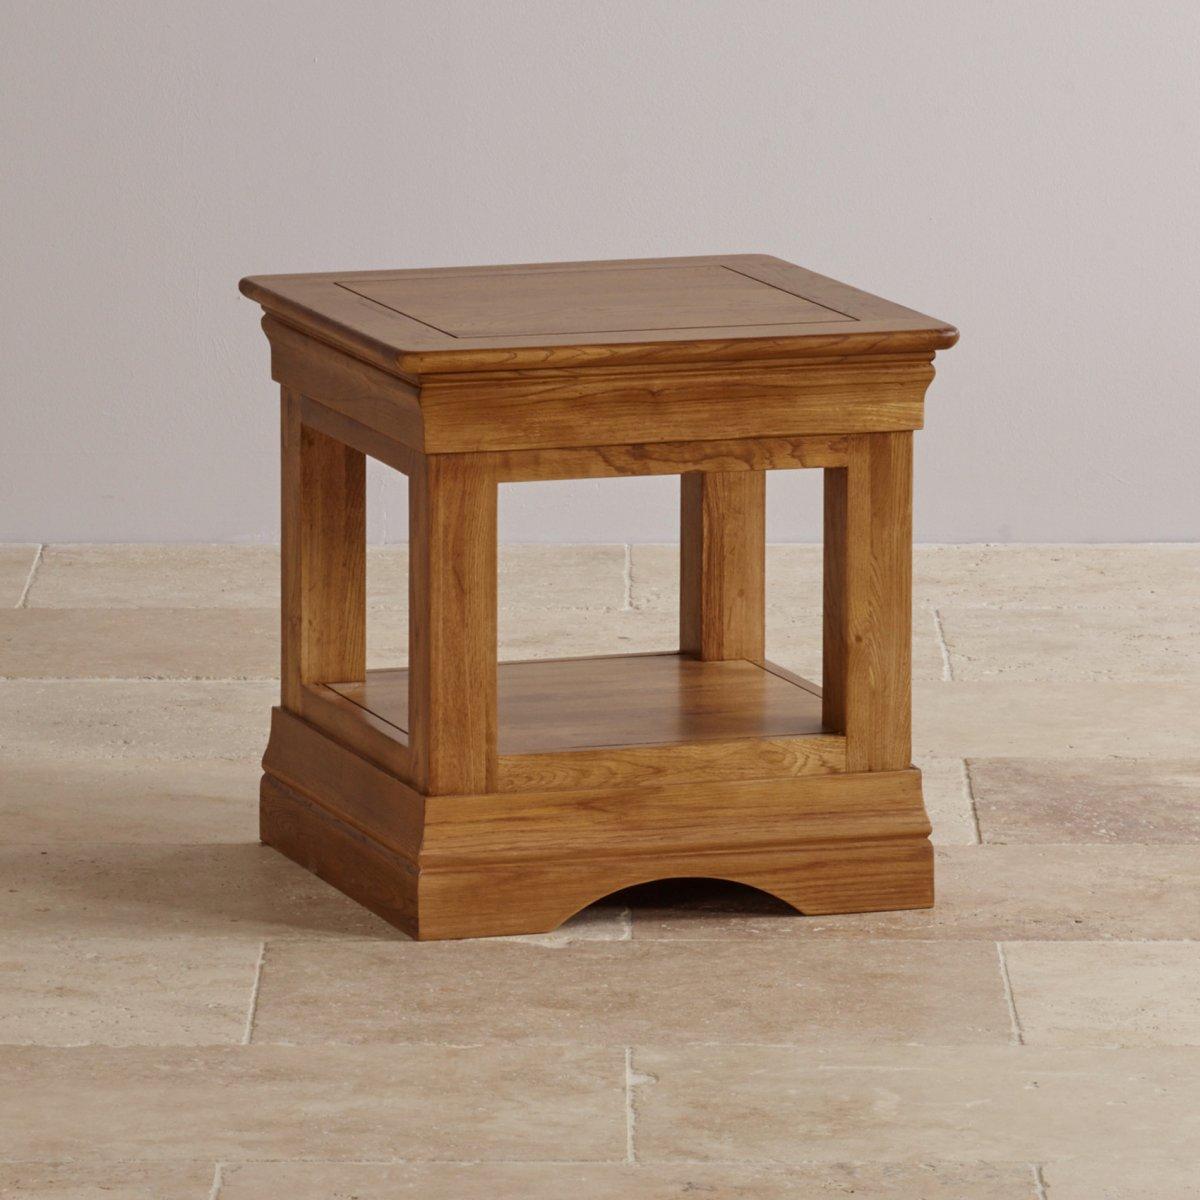 French Farmhouse Side Table In Rustic Oak Oak Furniture Land